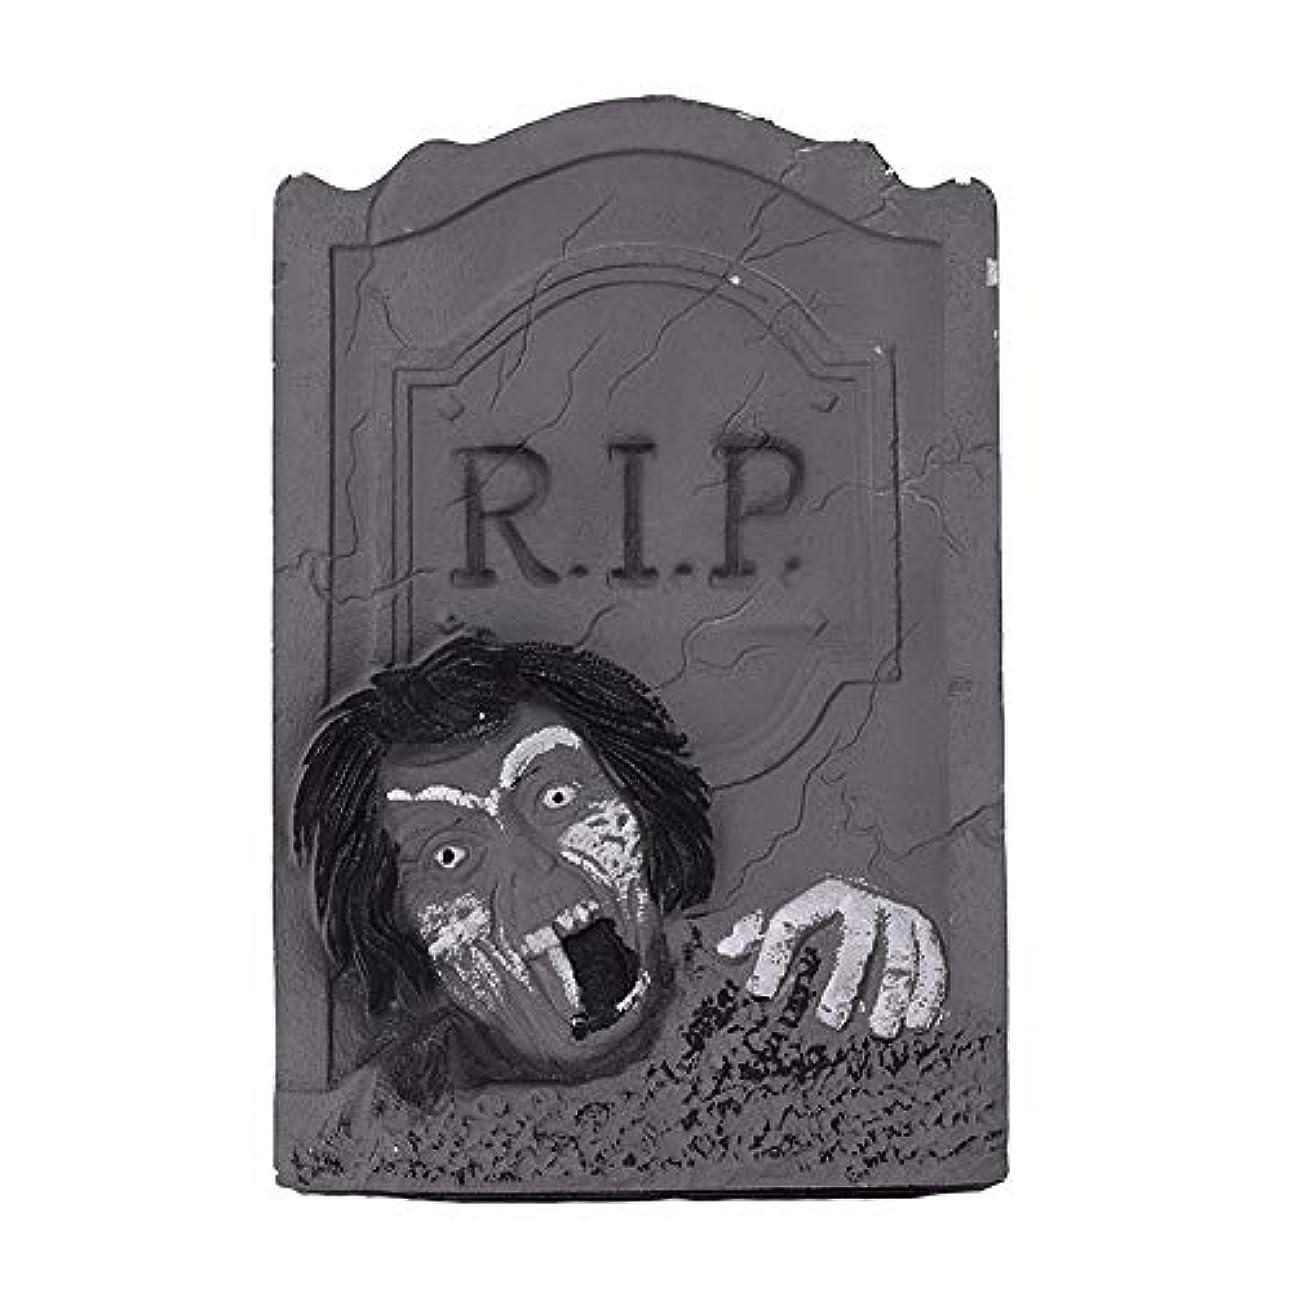 アクセルその他混乱させるETRRUU HOME ハロウィーンの装飾新しい墓石バーKTVお化け屋敷秘密の部屋ホラー装飾品写真の小道具